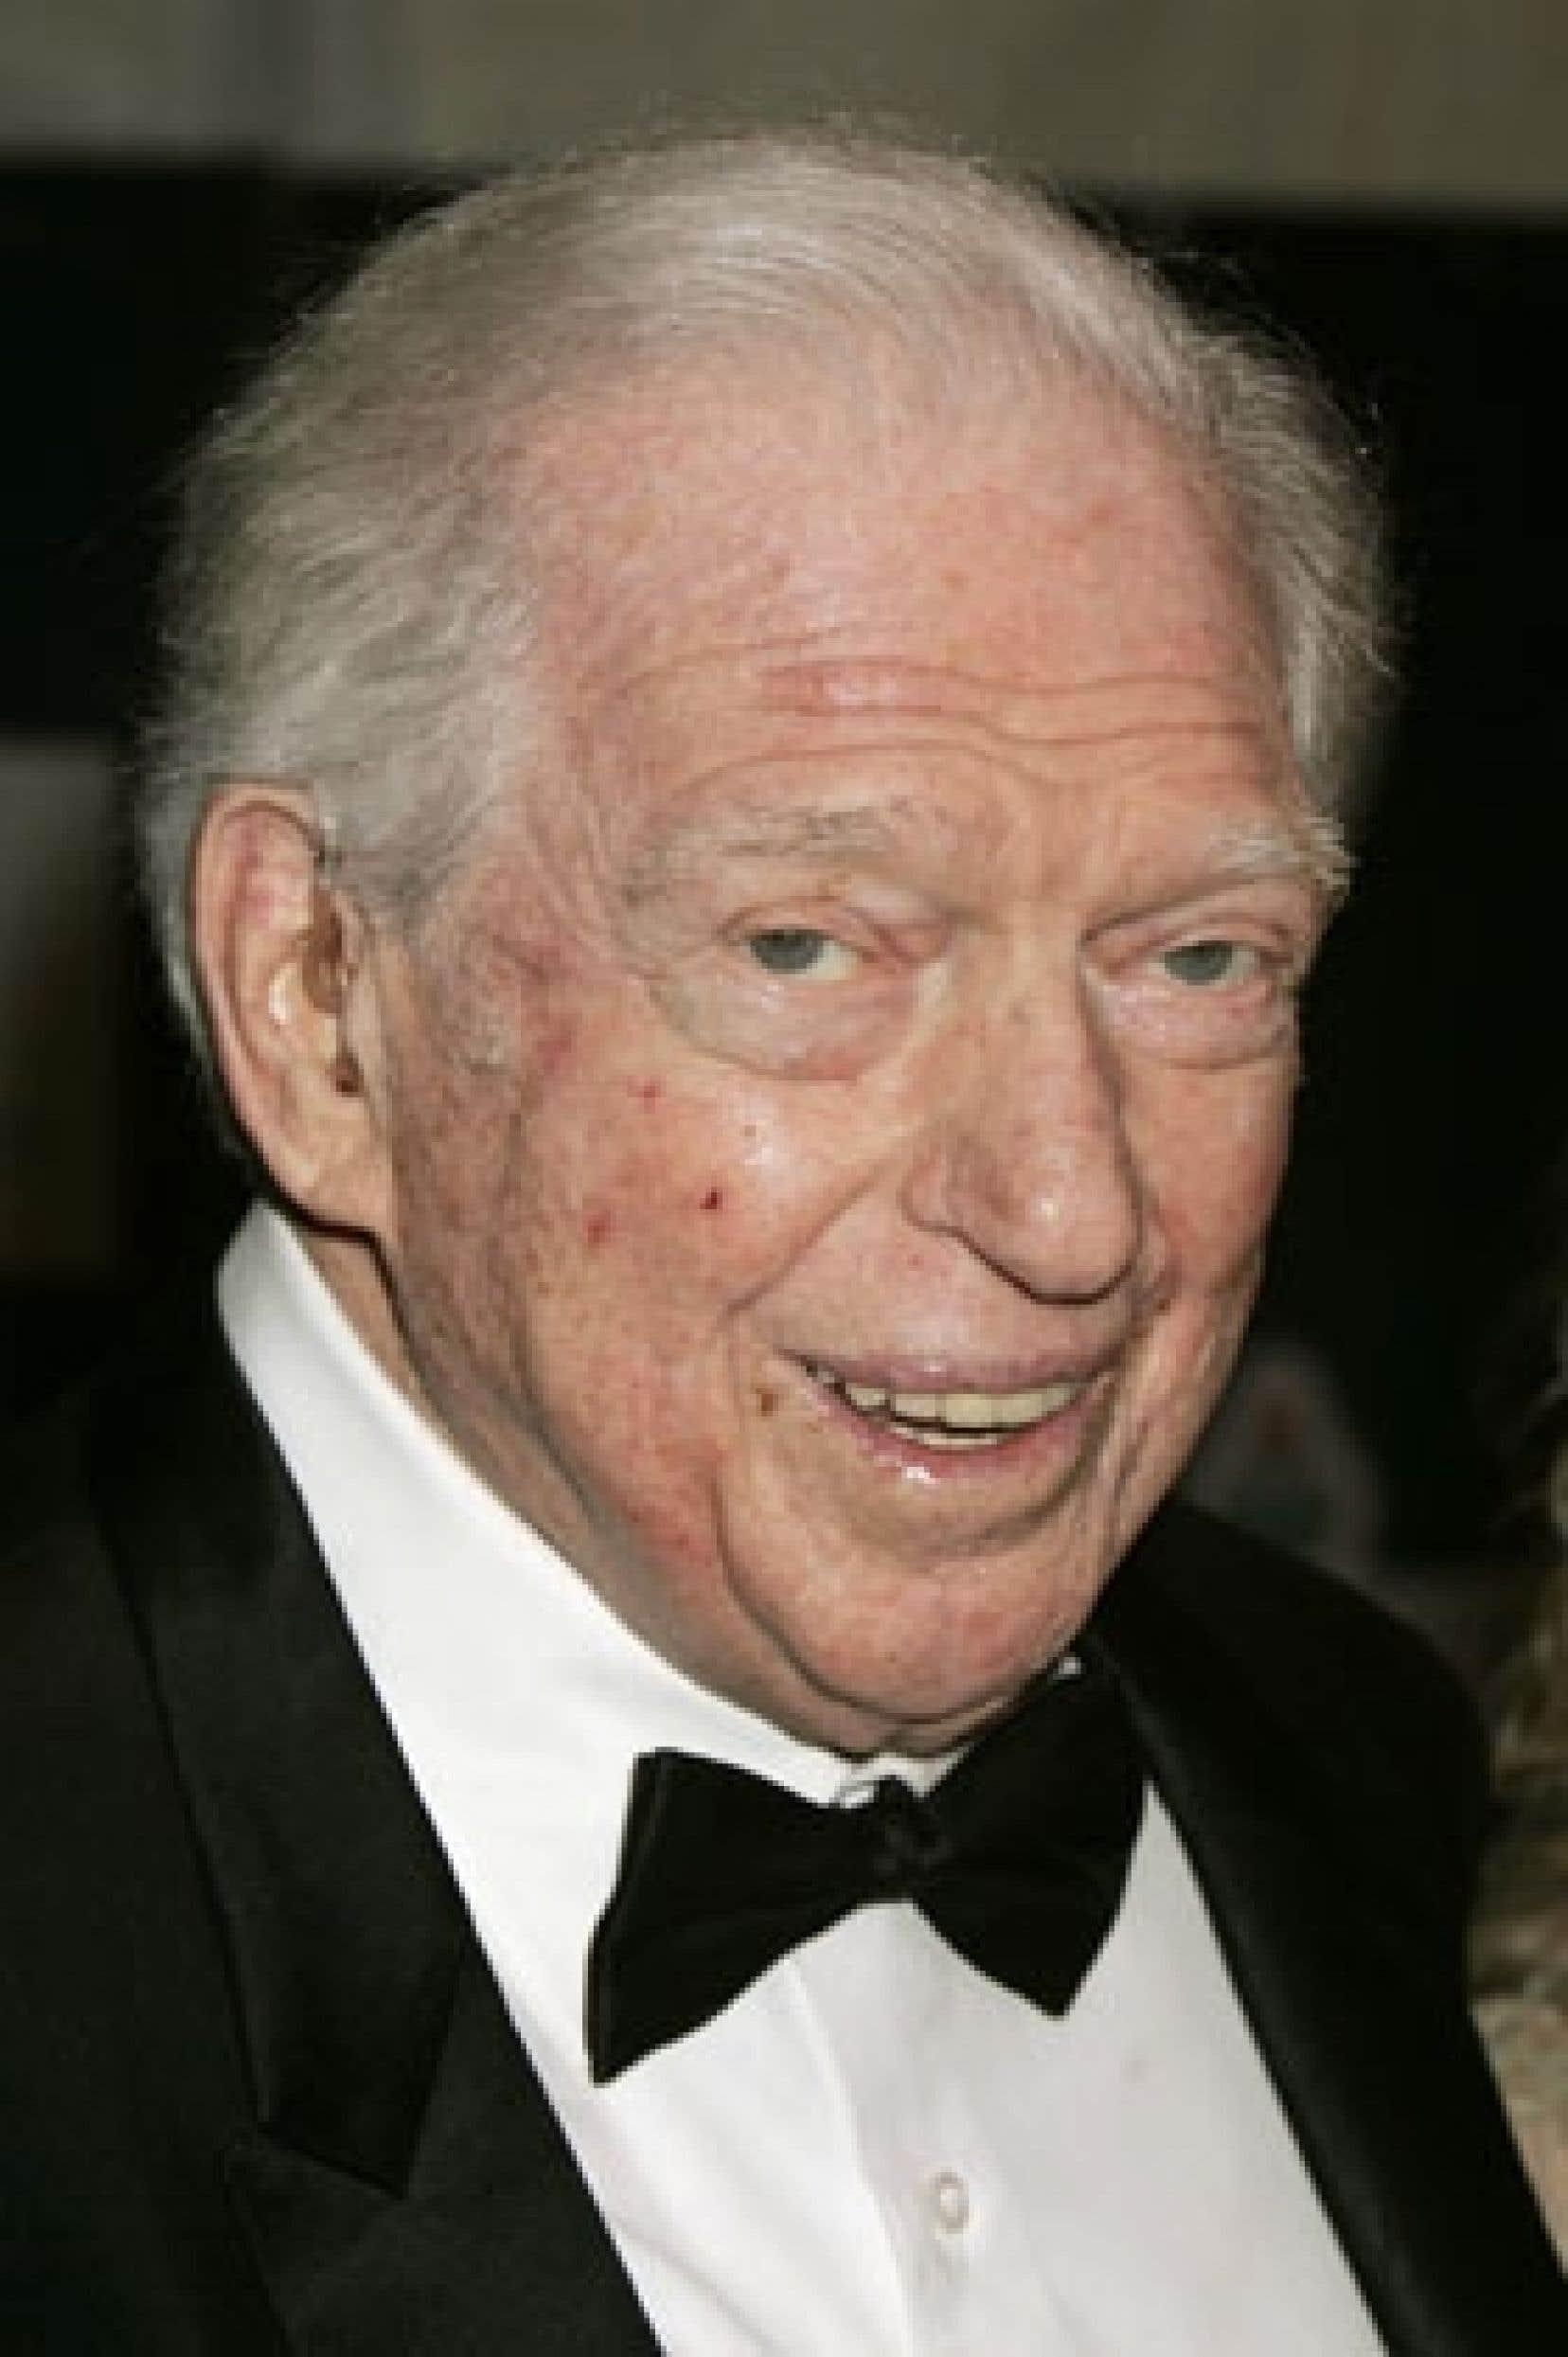 Sydney Sheldon est décédé à l'âge de 89 ans.